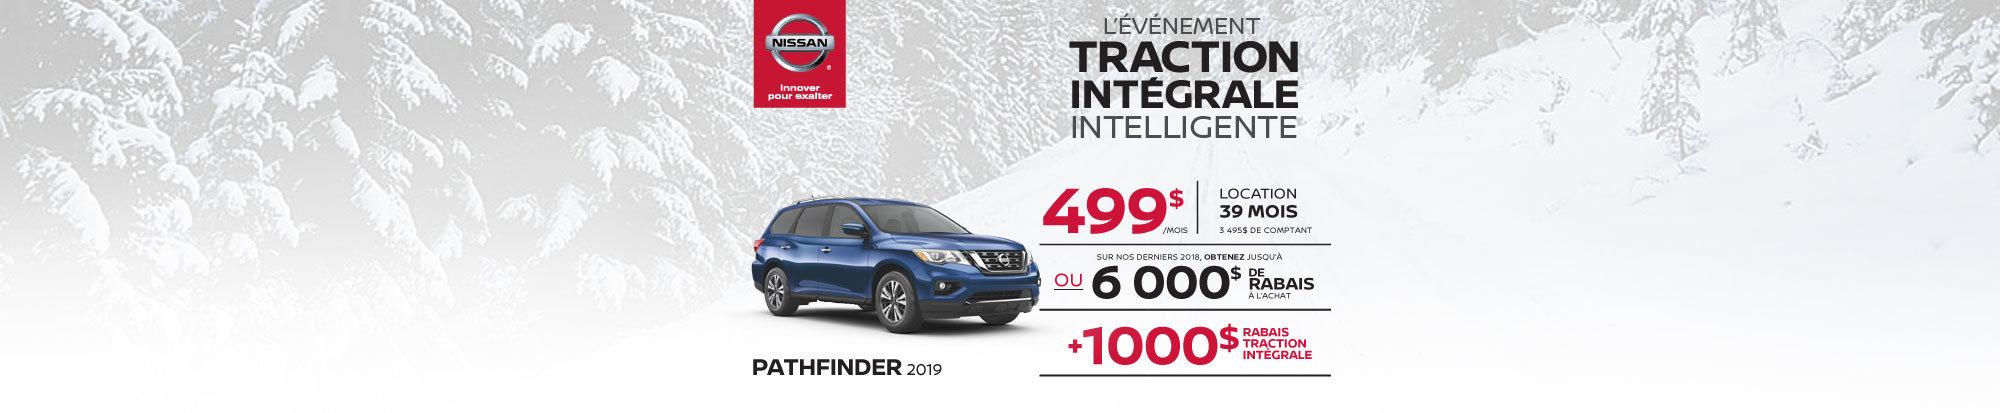 Pathfinder 2019